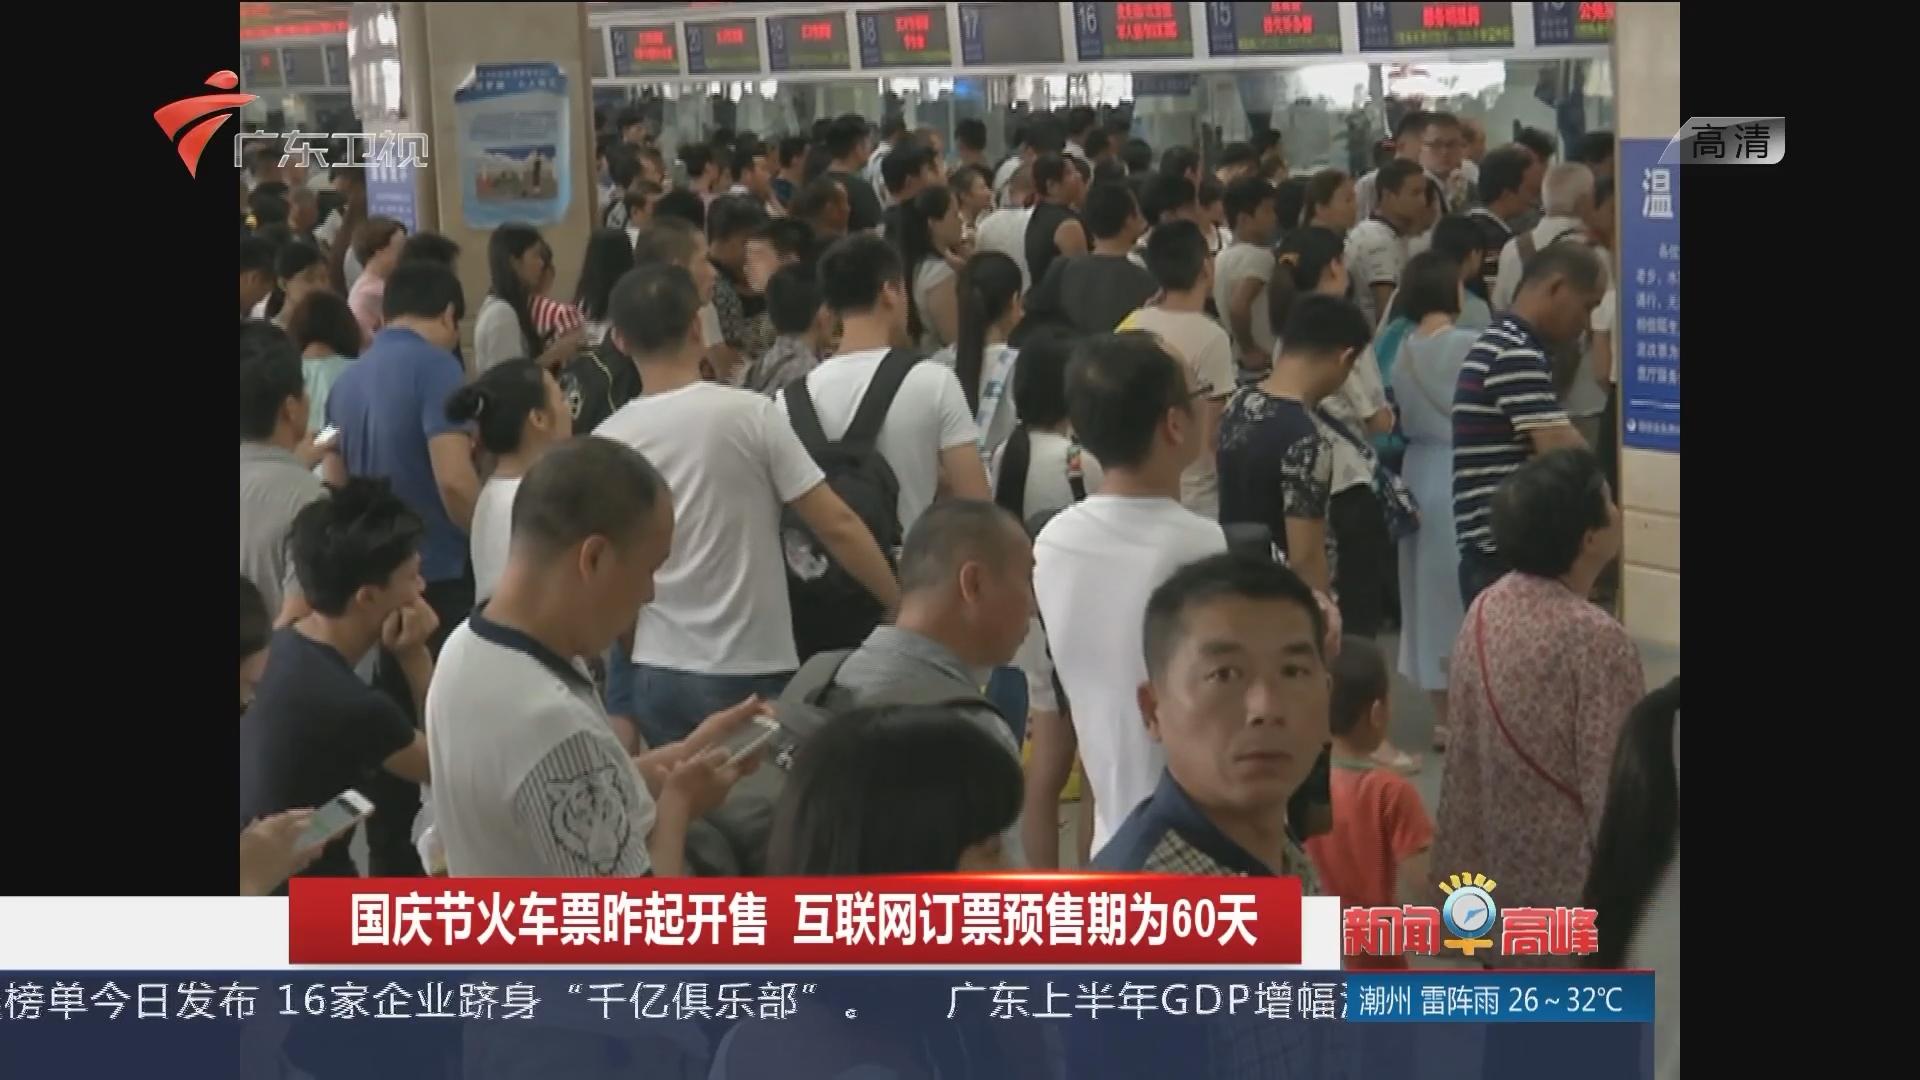 国庆节火车票昨起开售 互联网订票预售期为60天